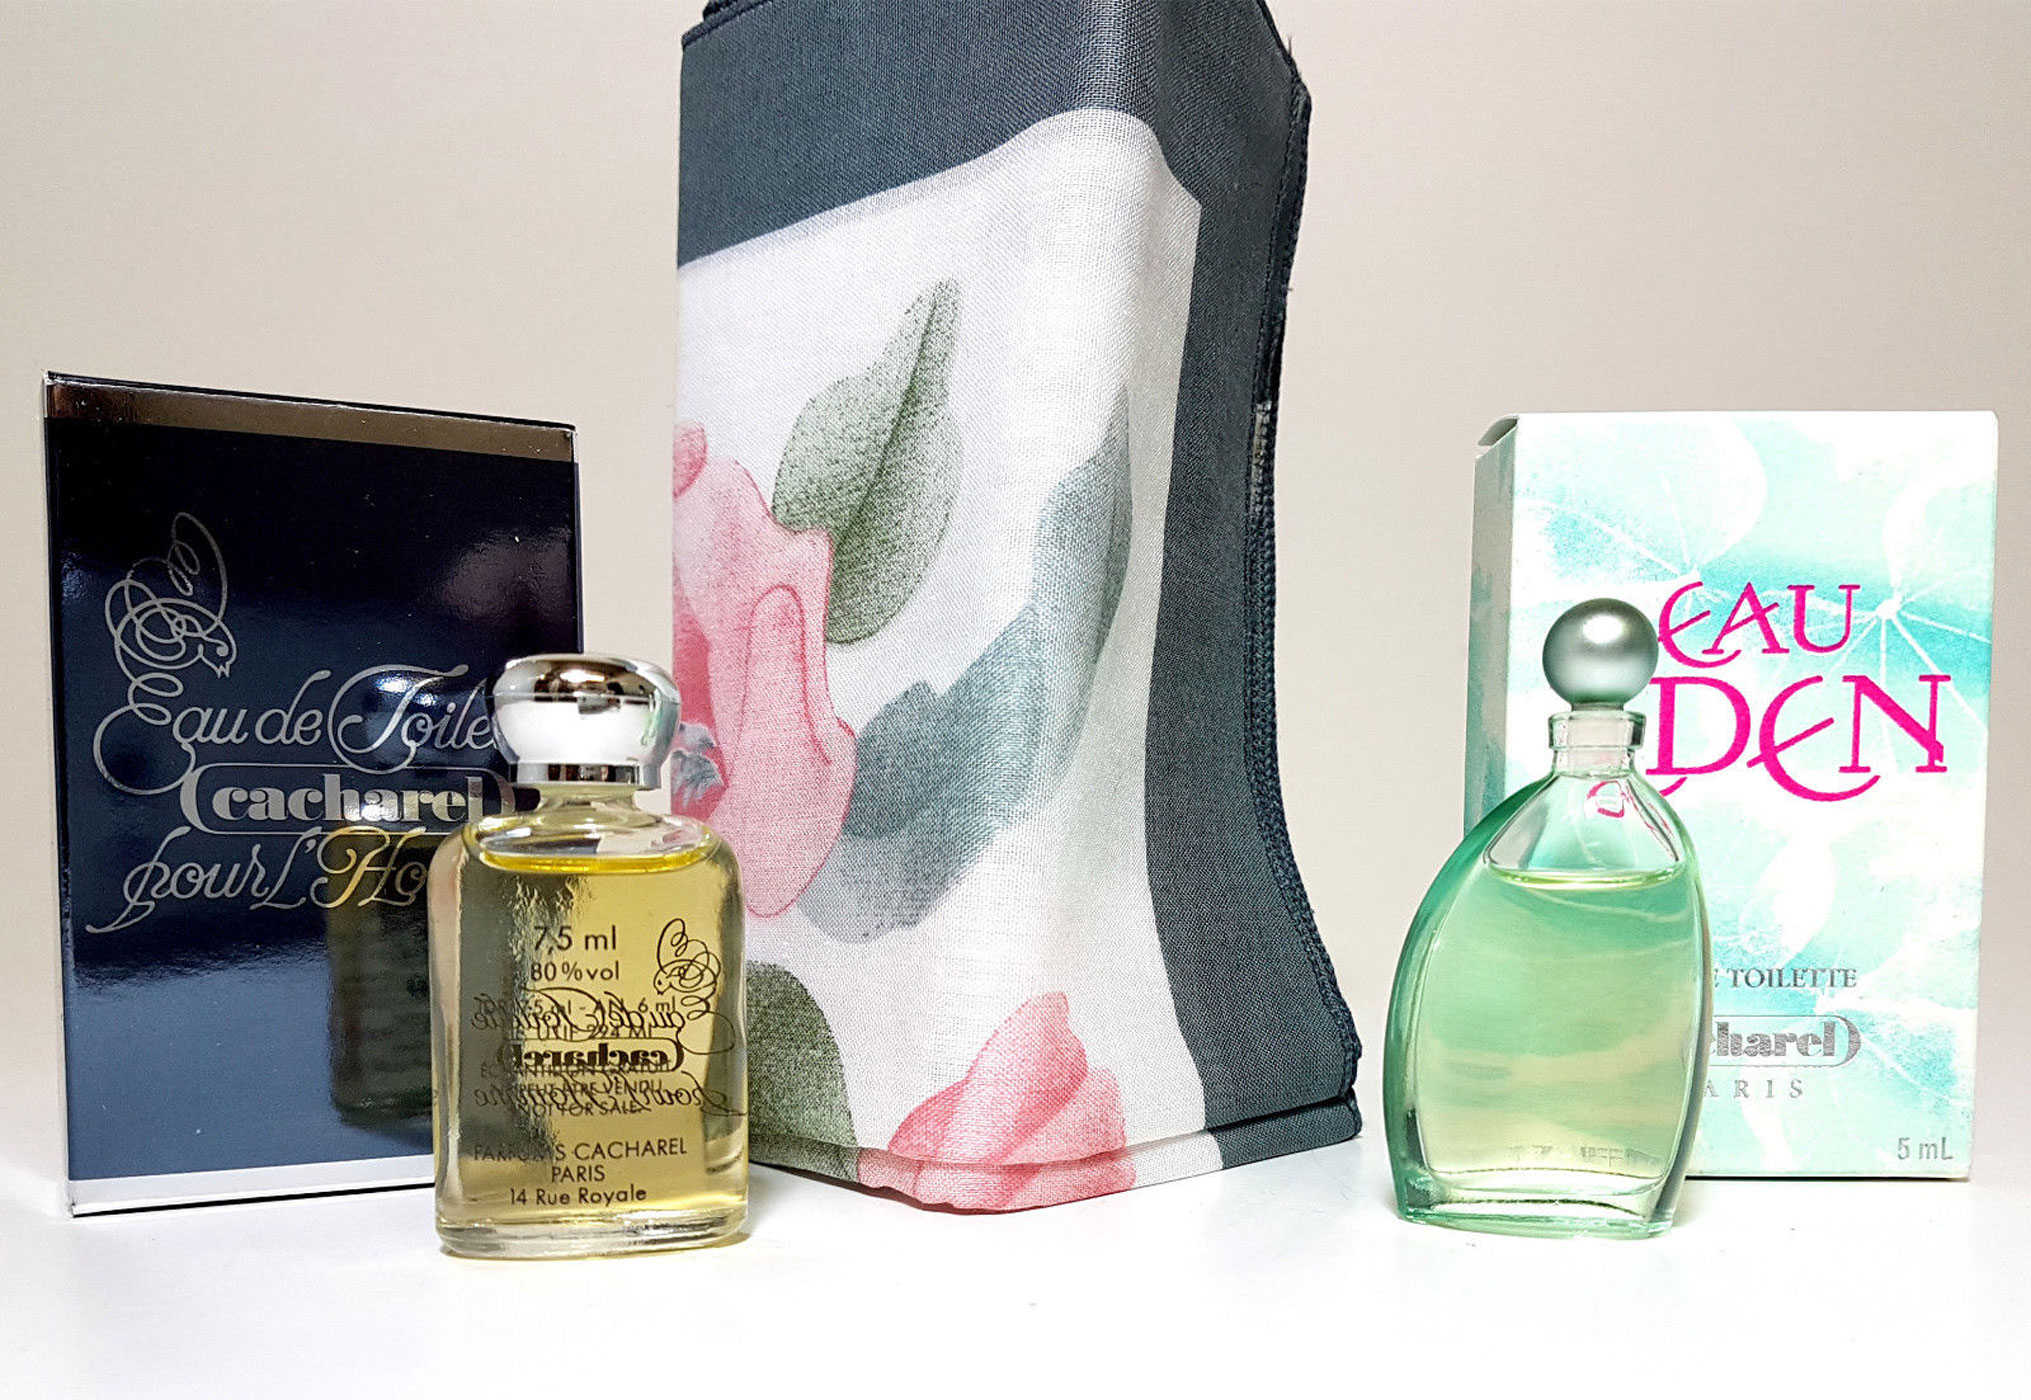 Cacharel Parfum Miniaturen Set - Cacharel Pour Lhomme EdT Eau de Toilette 7,5ml + Cacharel Eau de Eden 5ml Miniatur + Cacharel Tuch